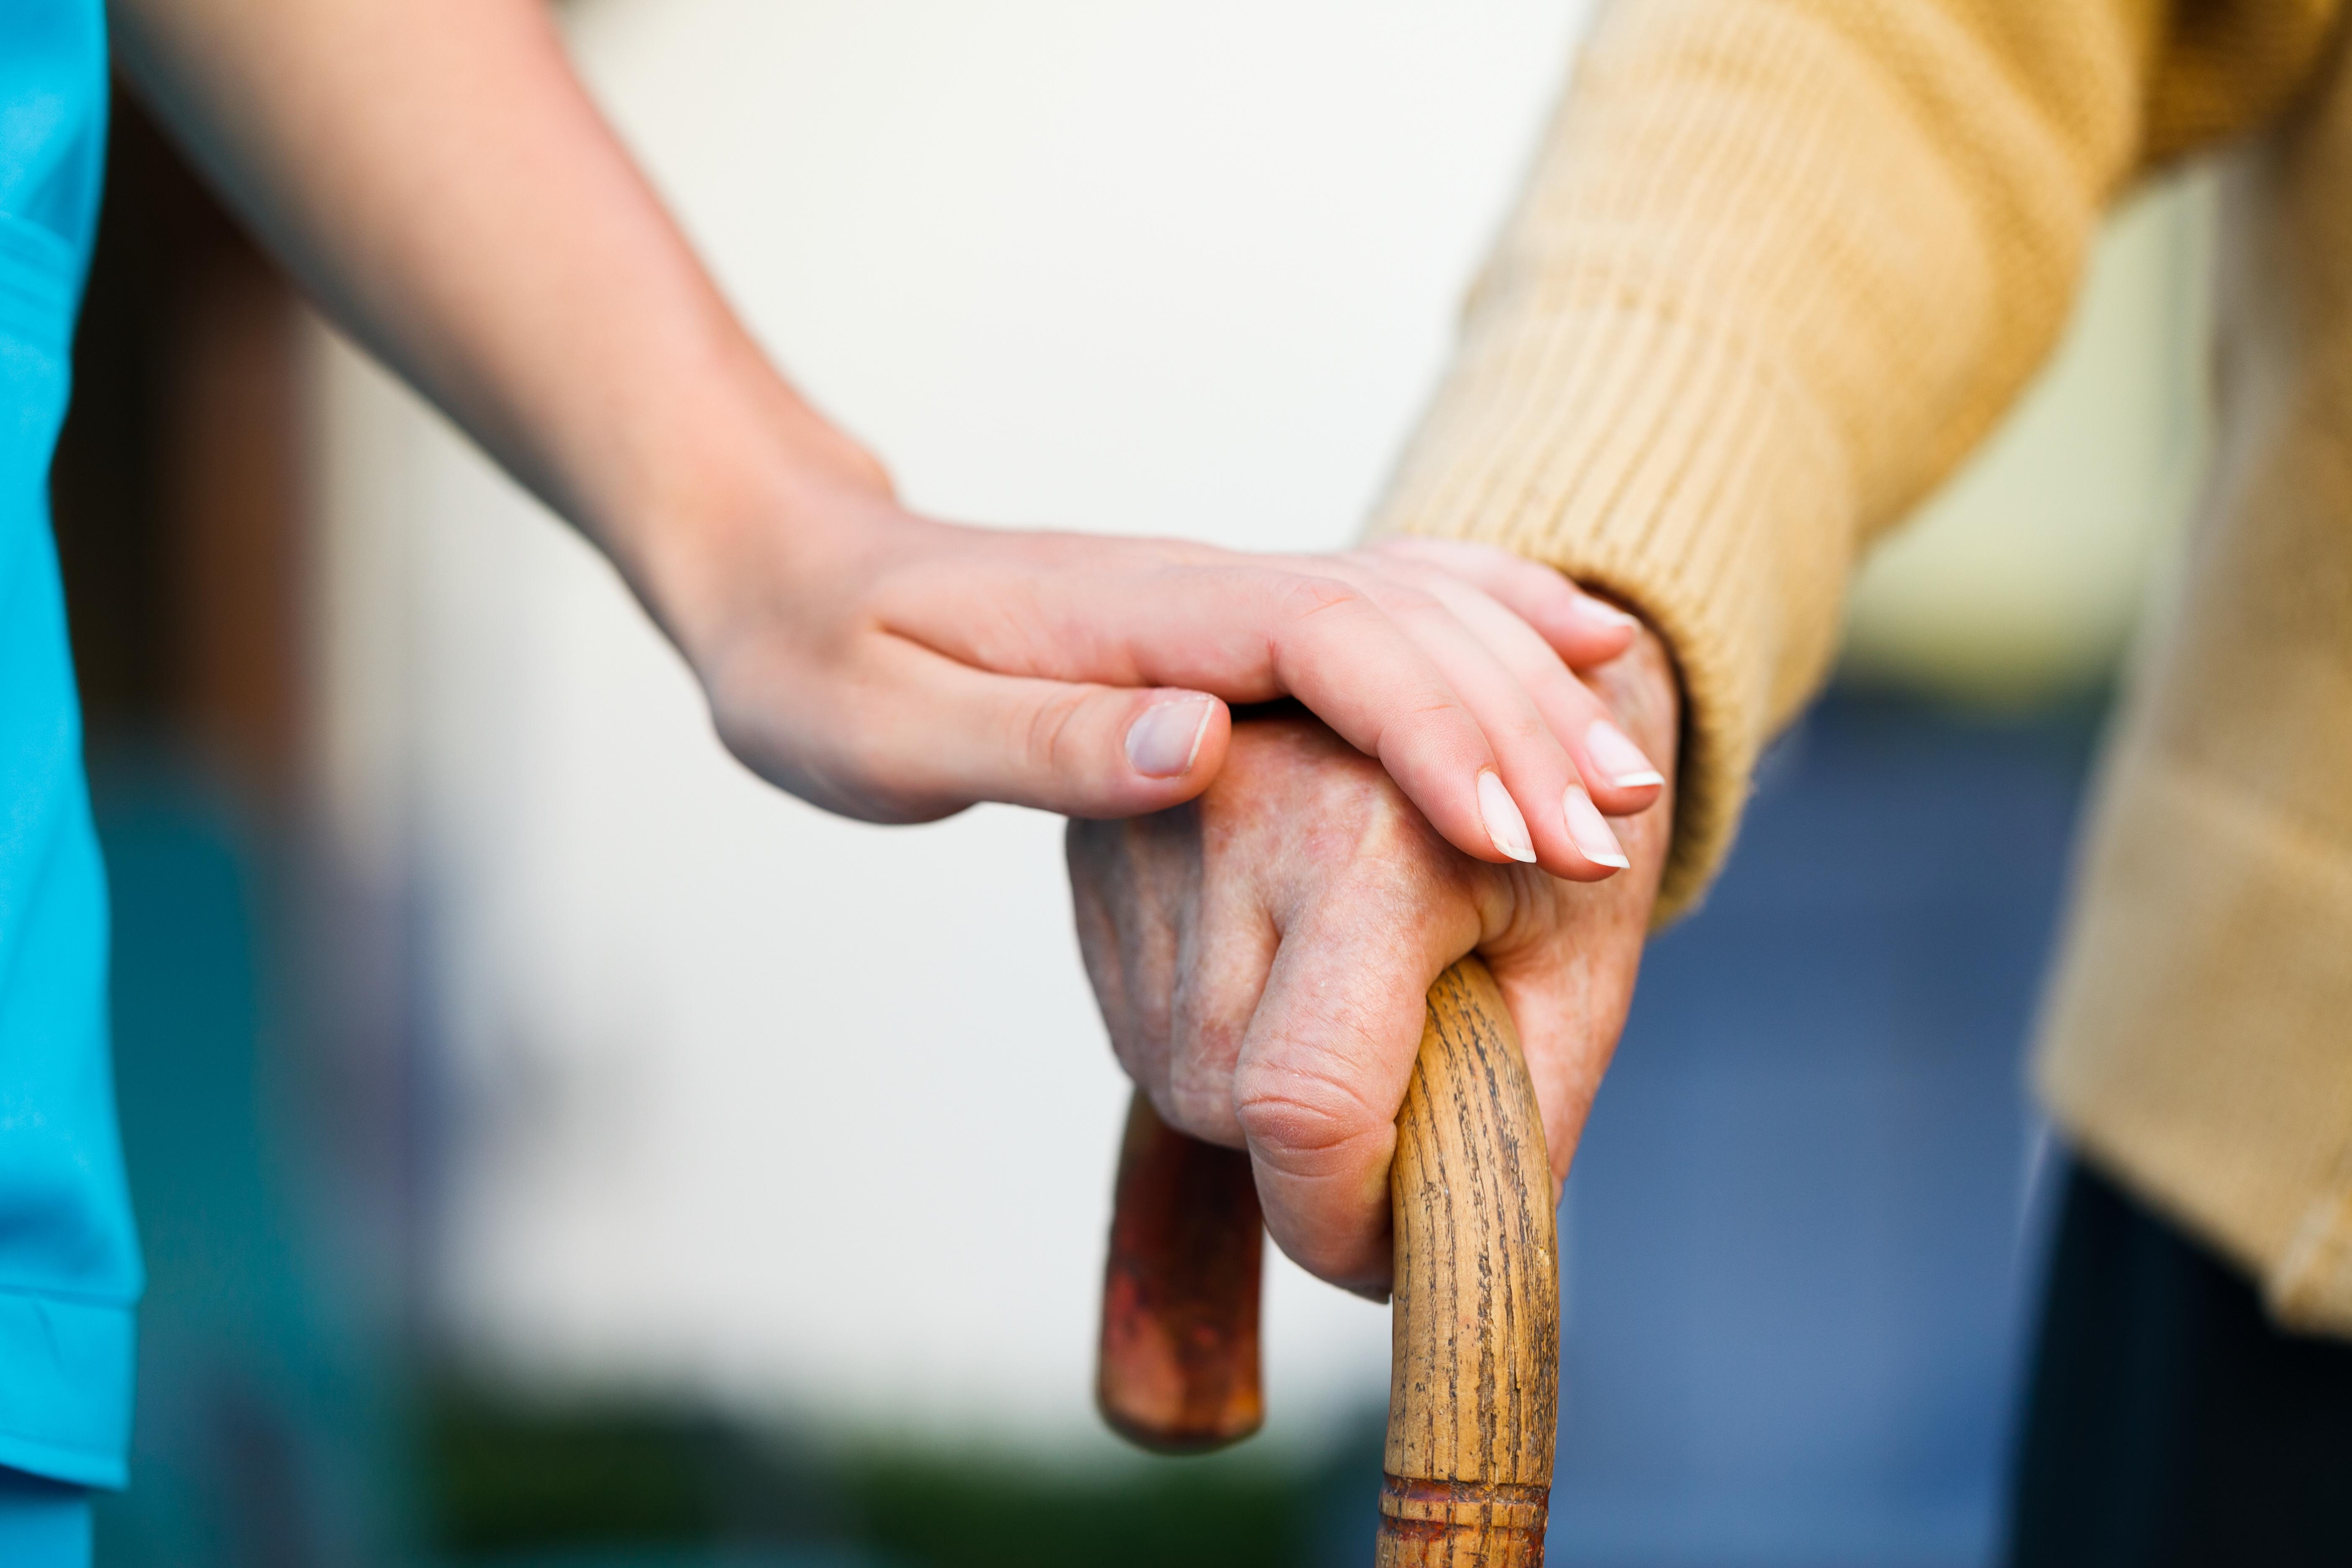 Das Bild zeigt eine Hand einer älteren Person, die sich auf einem Gehstock abstützt. Die Hand einer jüngeren Person (vermutlich die einer Pflegerin) liegt behütend auf der Hand der älteren Person.